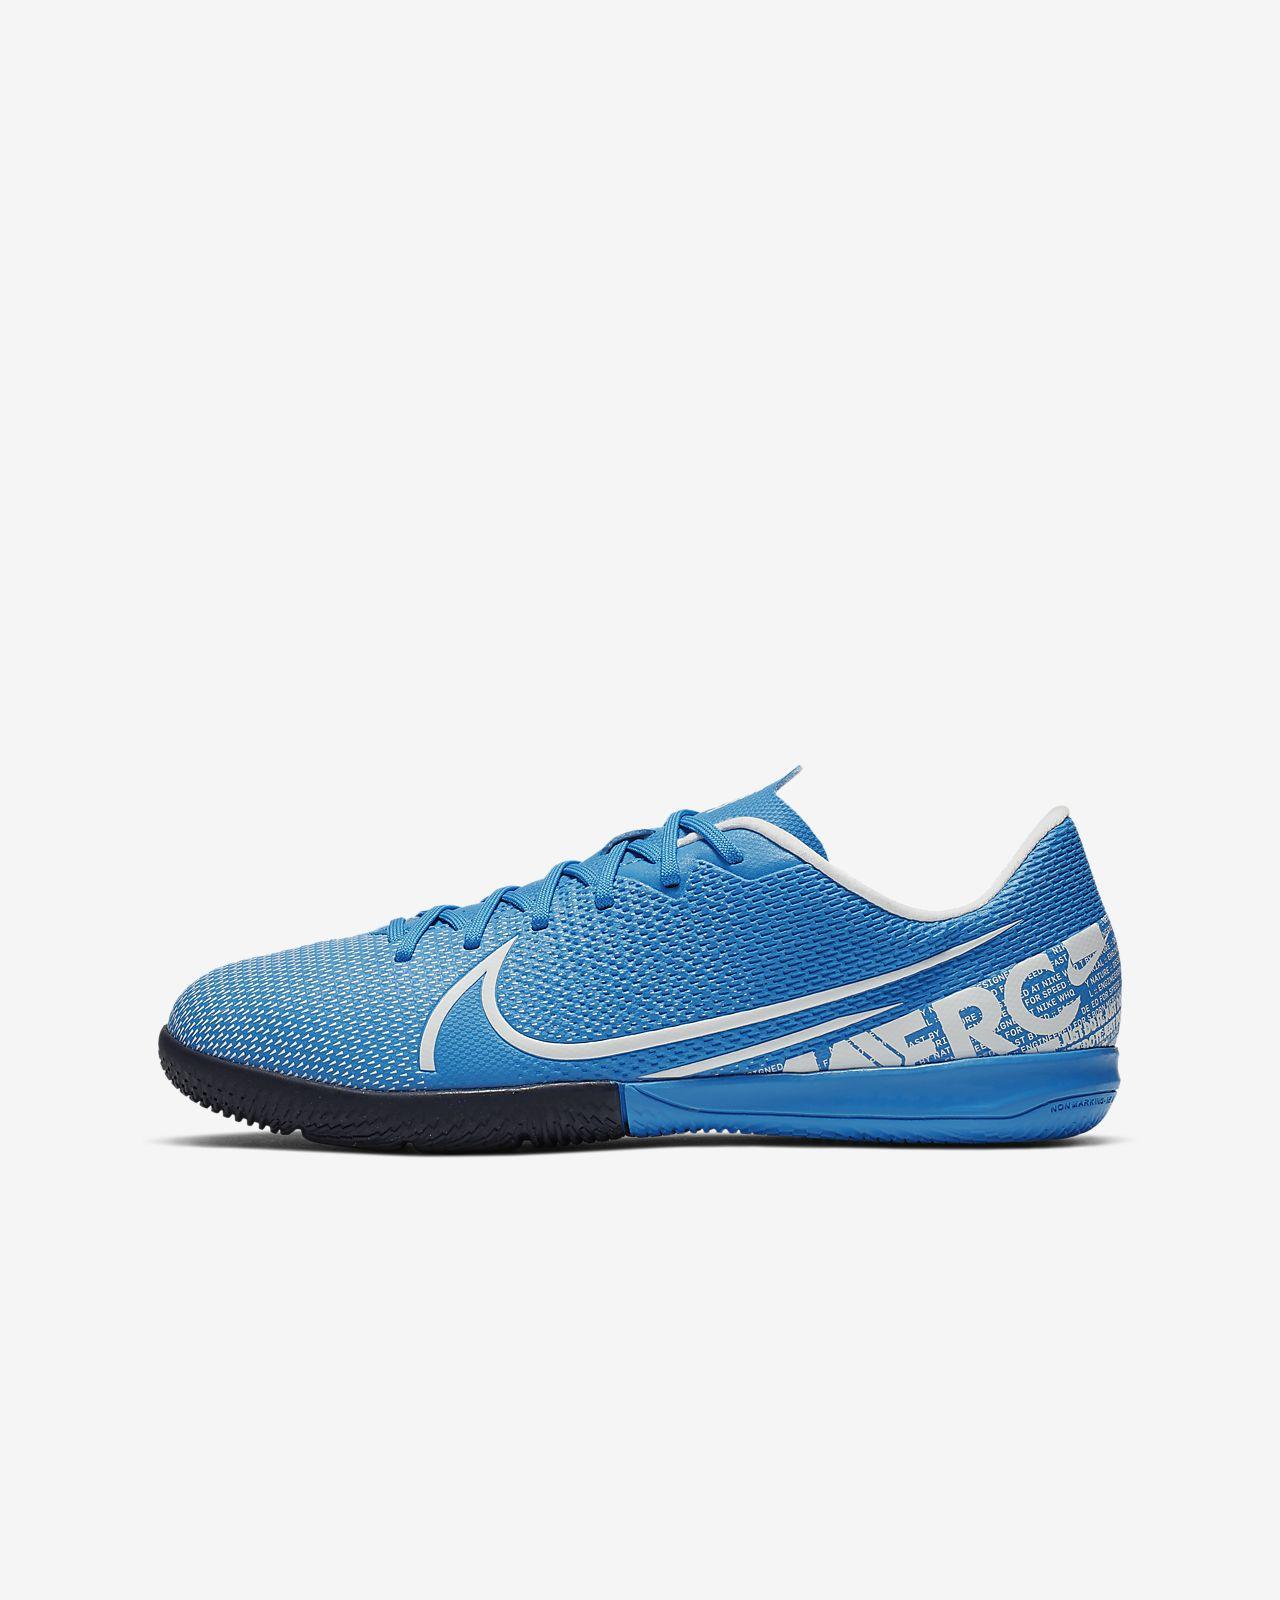 Sapatilhas de futsal Nike Jr. Mercurial Vapor 13 Academy IC para criança/Júnior